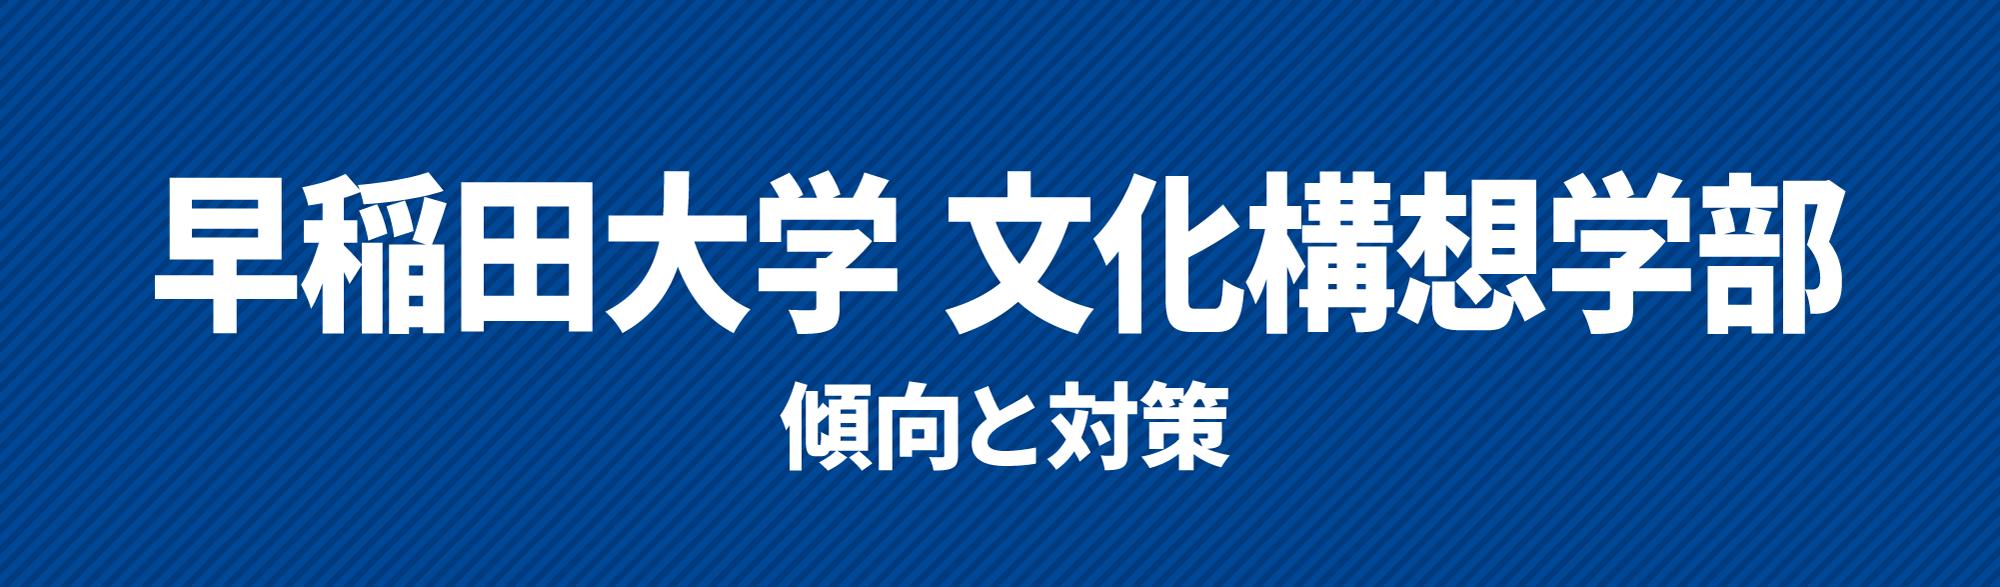 早稲田大学文化構想学部傾向と対策